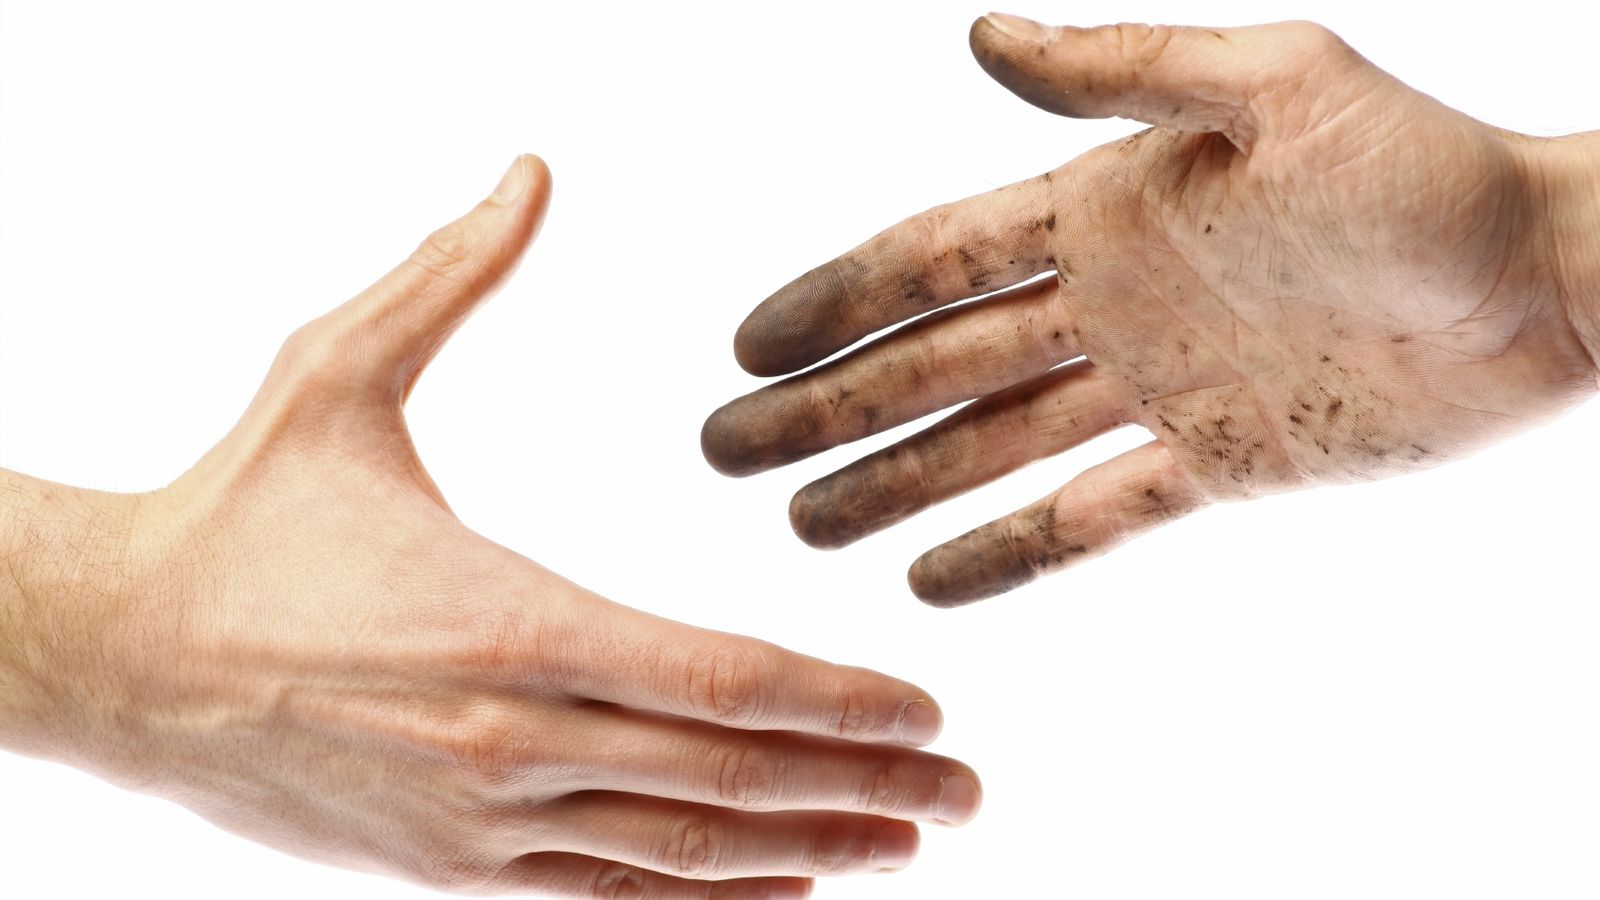 Foto: Mejor lávate las manos antes de andar saludando a la gente. (iStock)